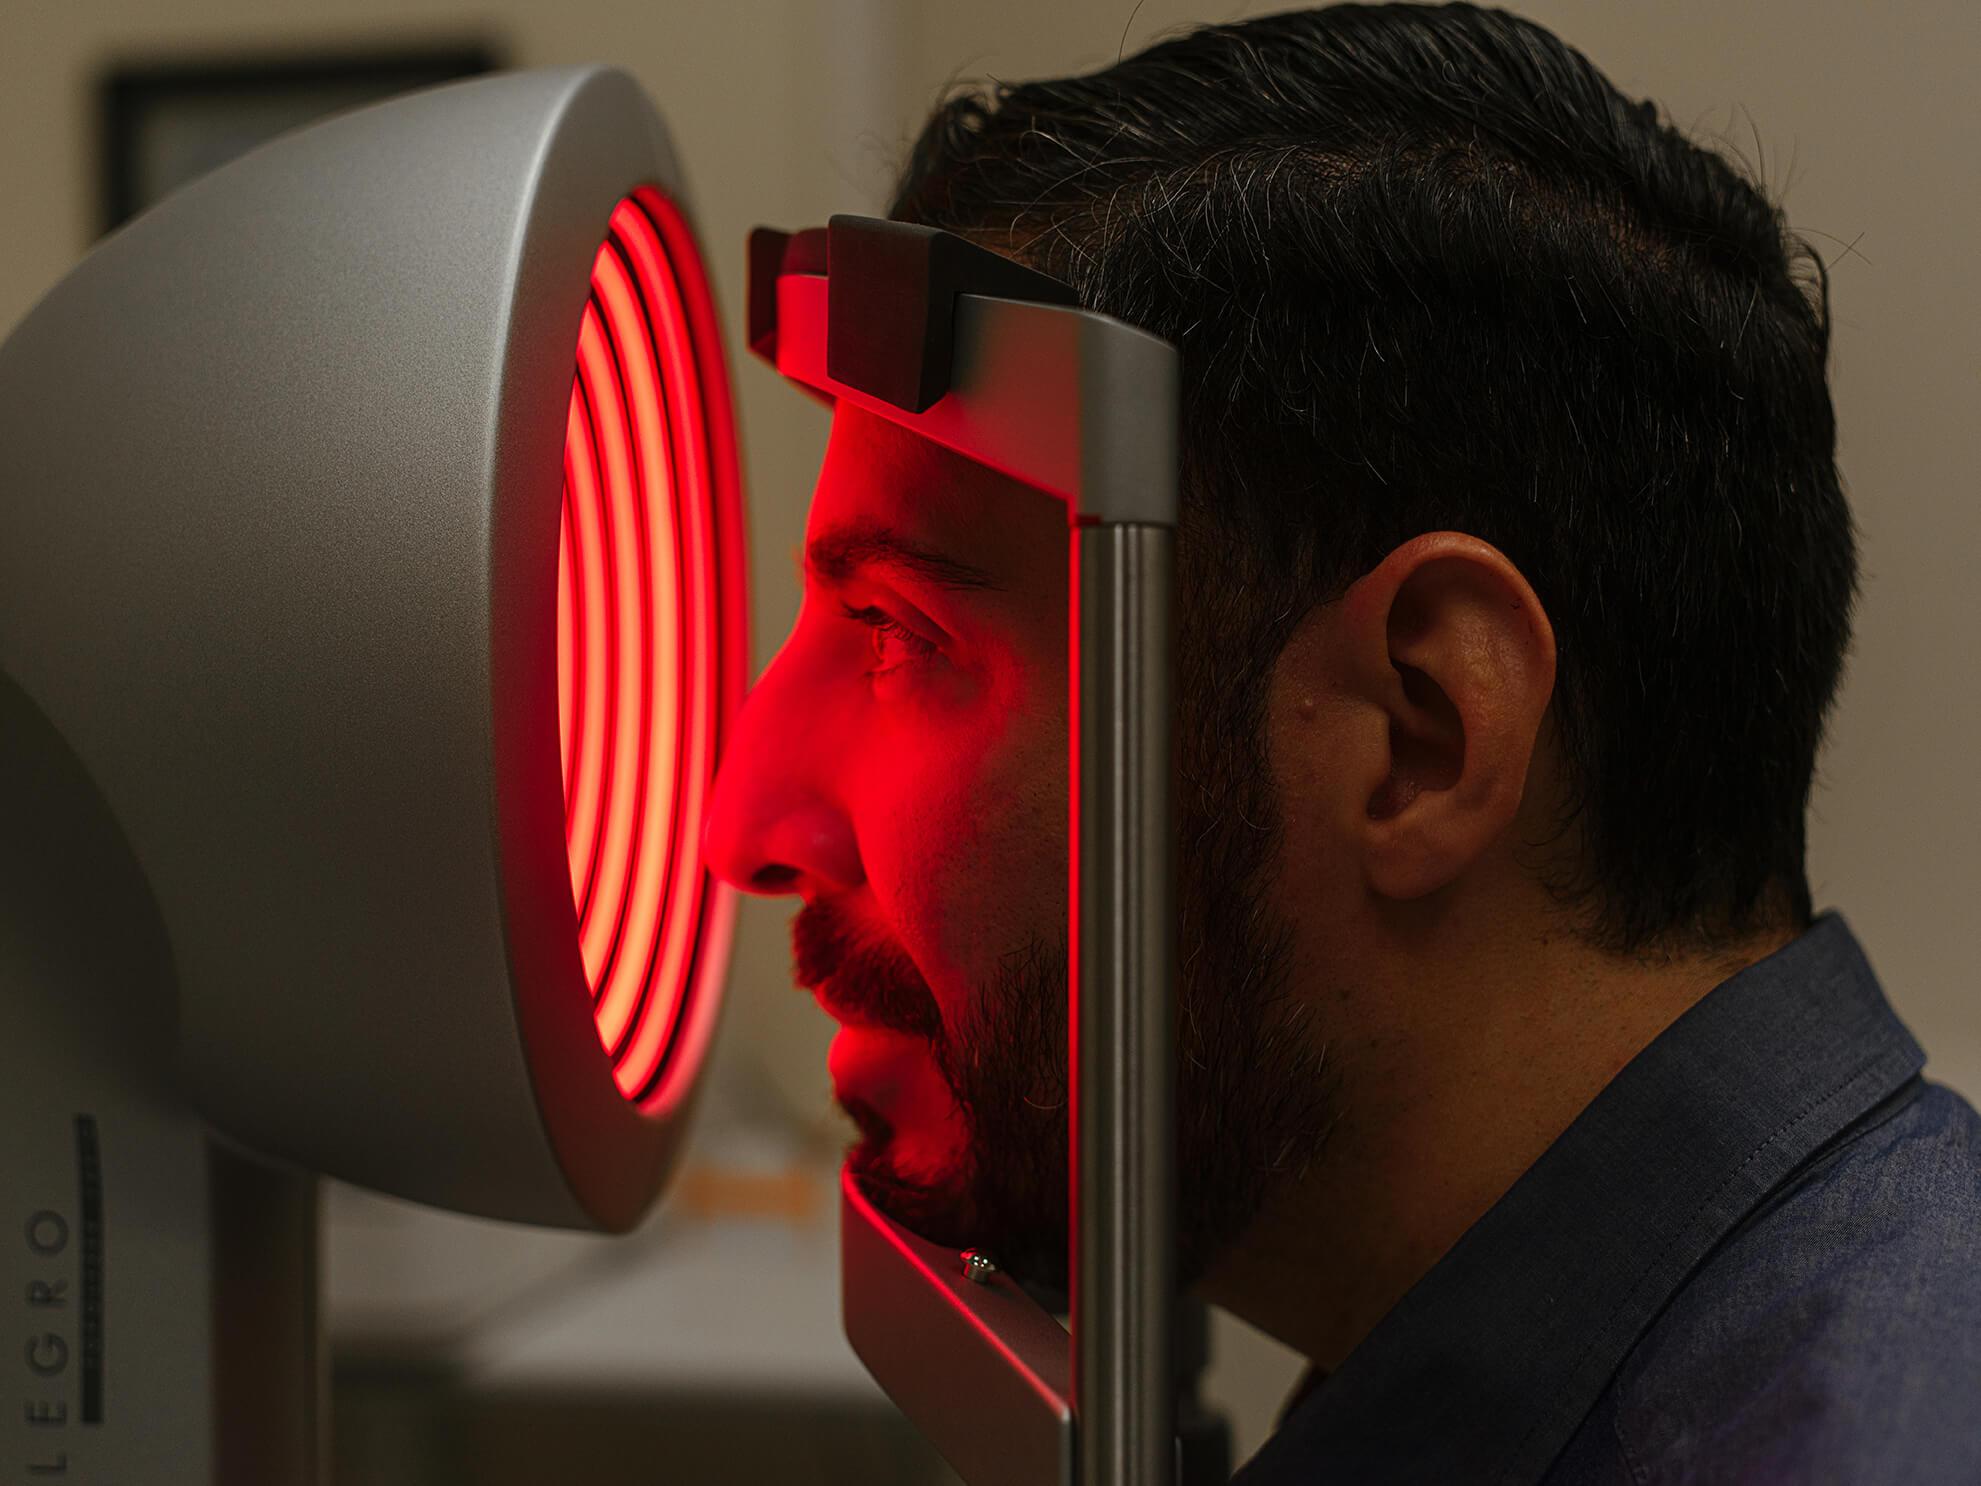 Machine examining a man's eyes